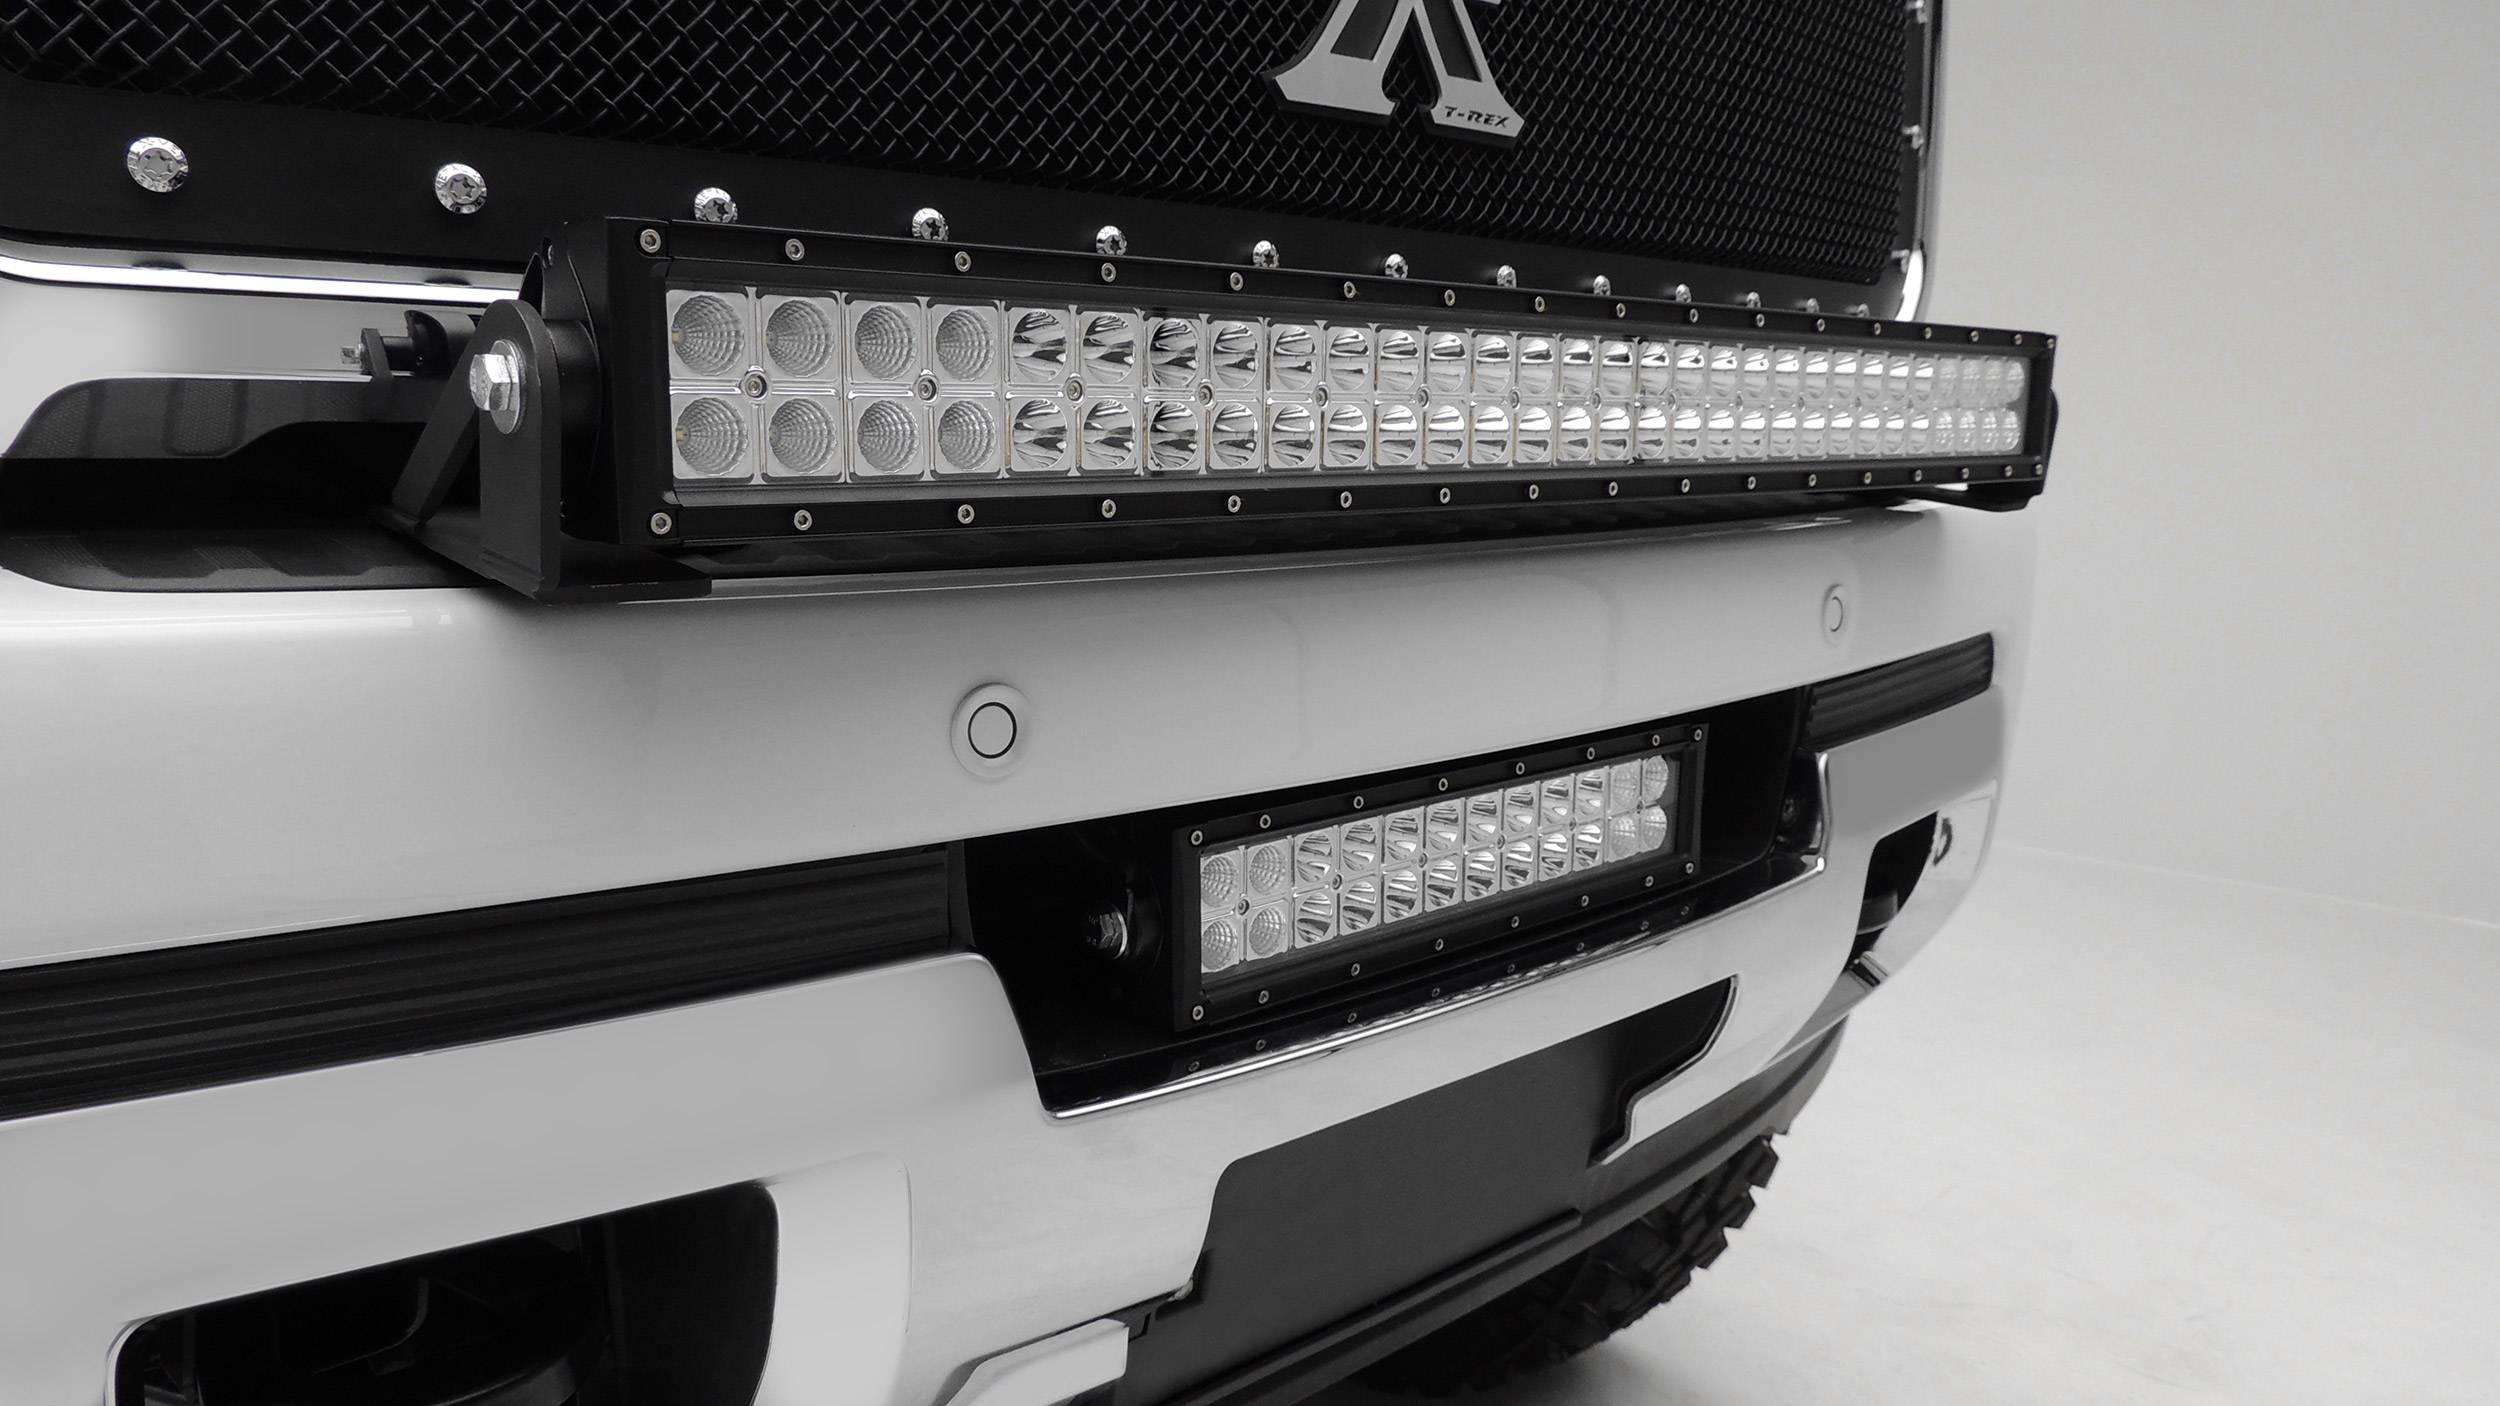 2015 2019 Gmc Sierra 2500 3500 Front Bumper Center Led Bracket To Mount 12 Inch Led Light Bar Pn Z322111